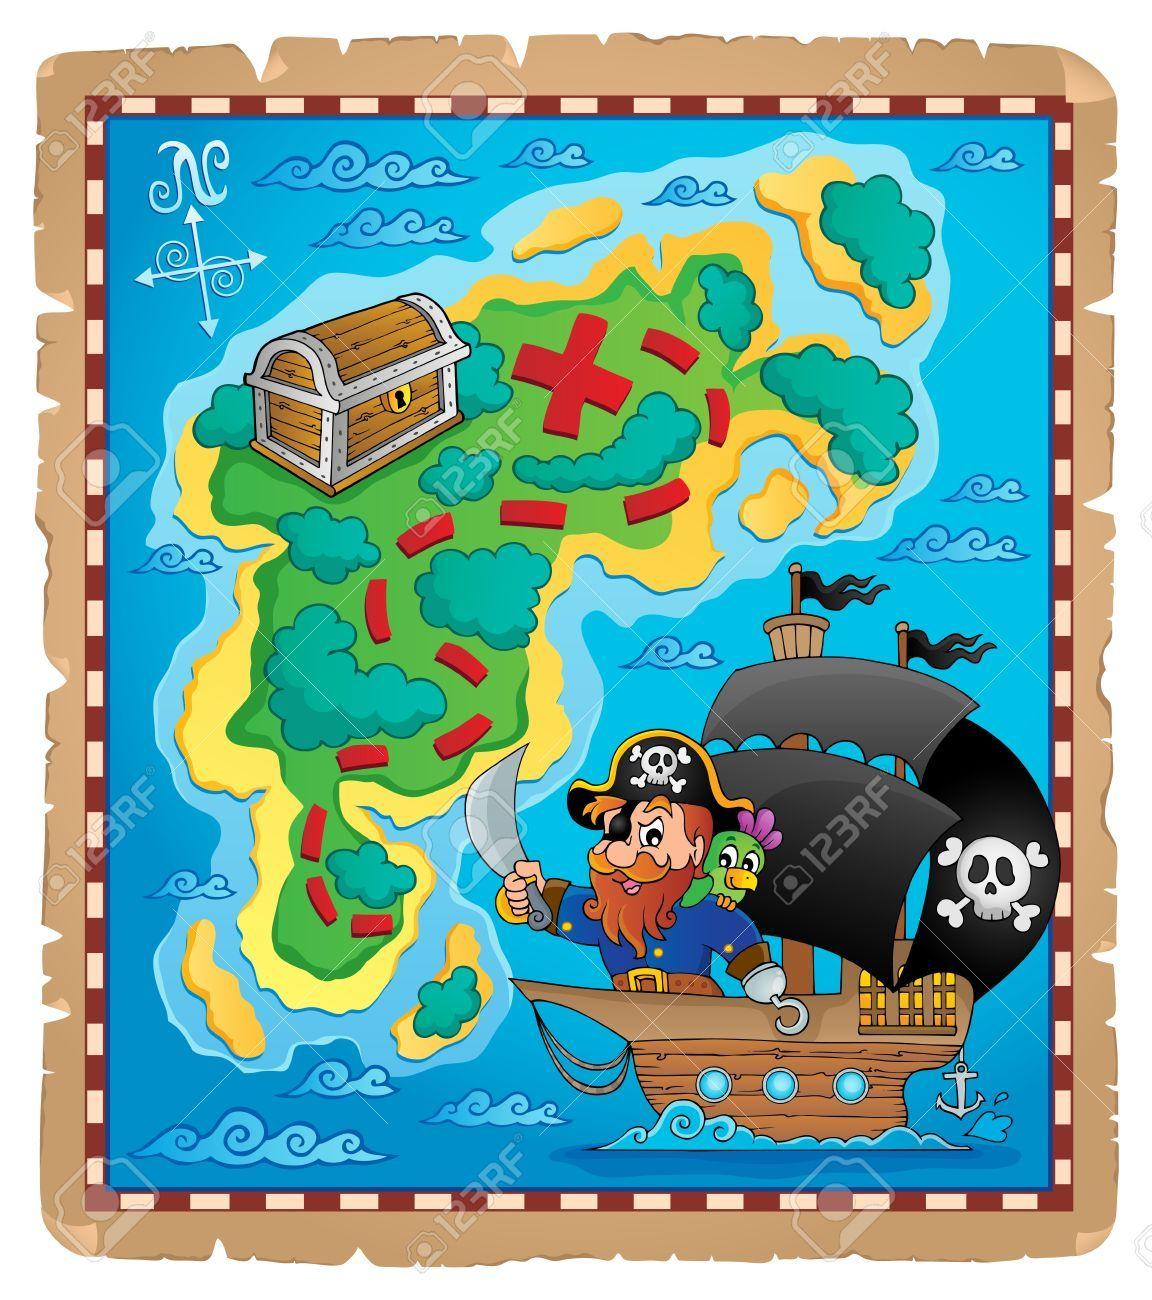 Mapa De Pirata Imagen Tema 1 Ilustracion Vectorial Eps10 Mapas De Piratas Piratas Mapas Del Tesoro